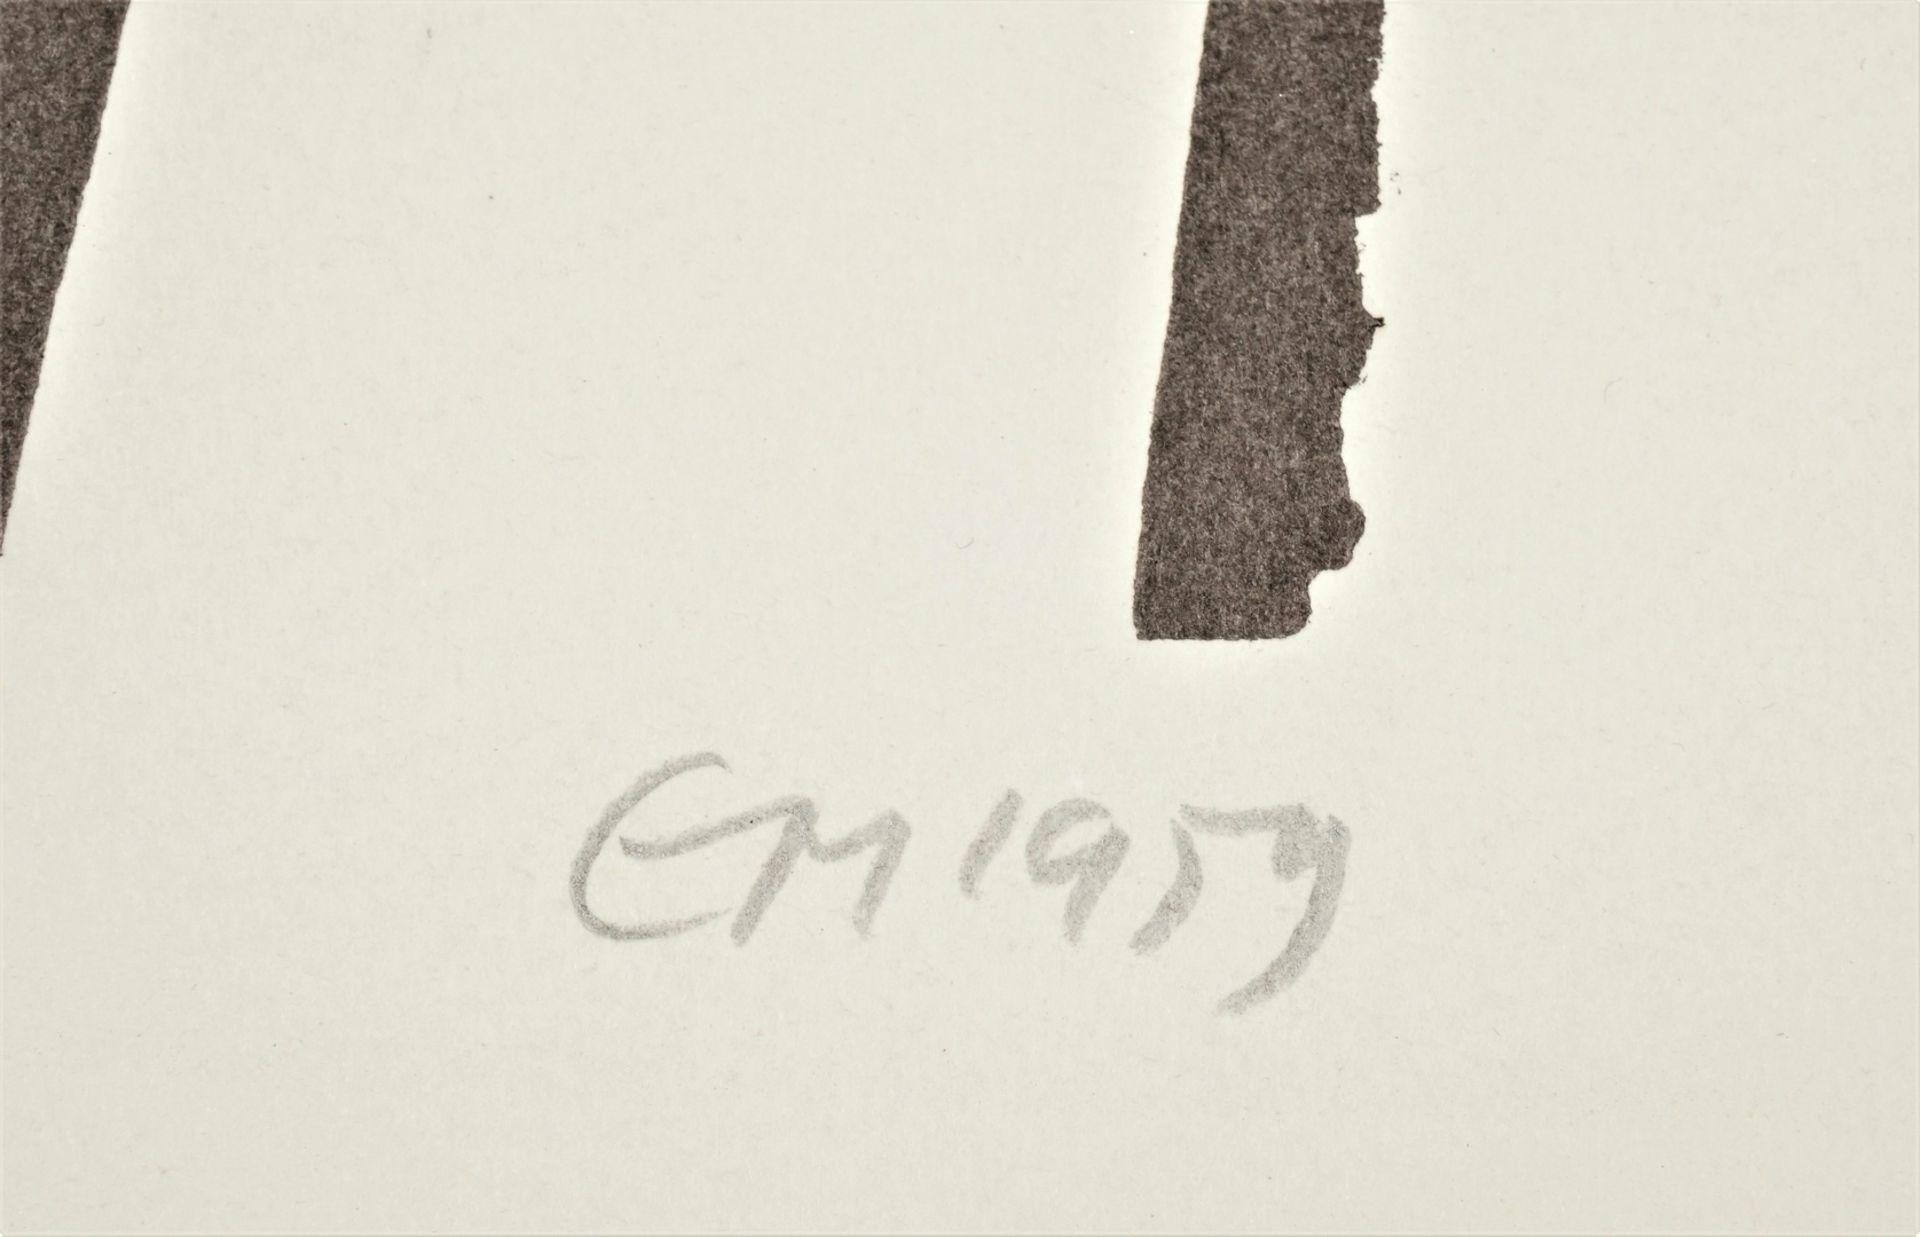 Monogrammist EM, Blick über Dächer auf eine russisch-orthodoxe Kirche - Bild 4 aus 4